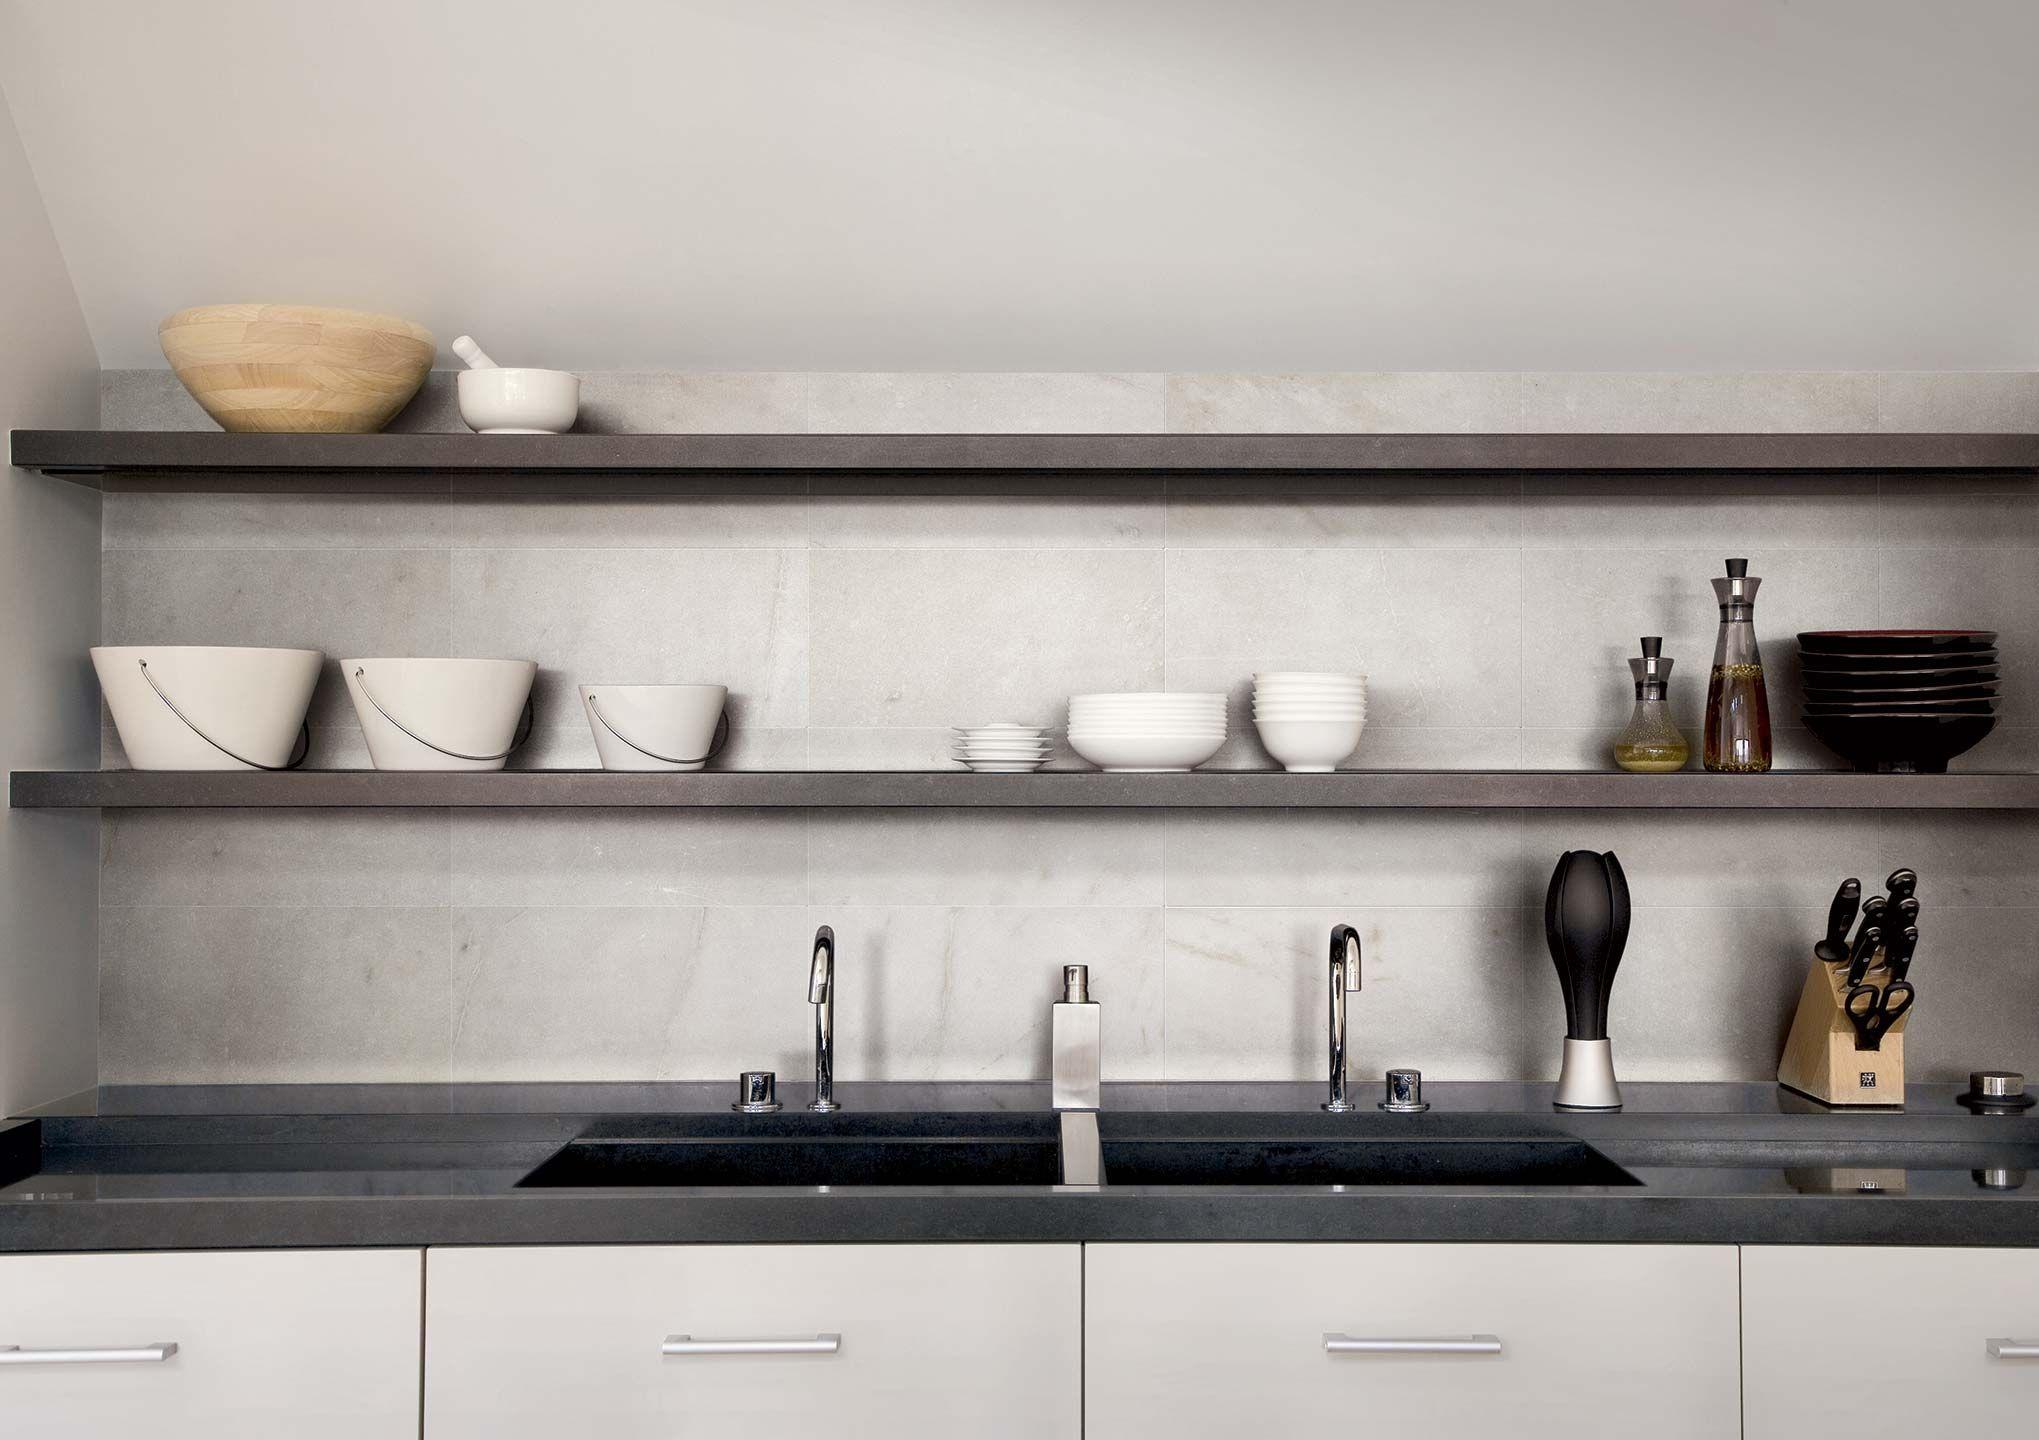 Piastrelle ceramiche marmo bianco in grandi formati i bianchi di